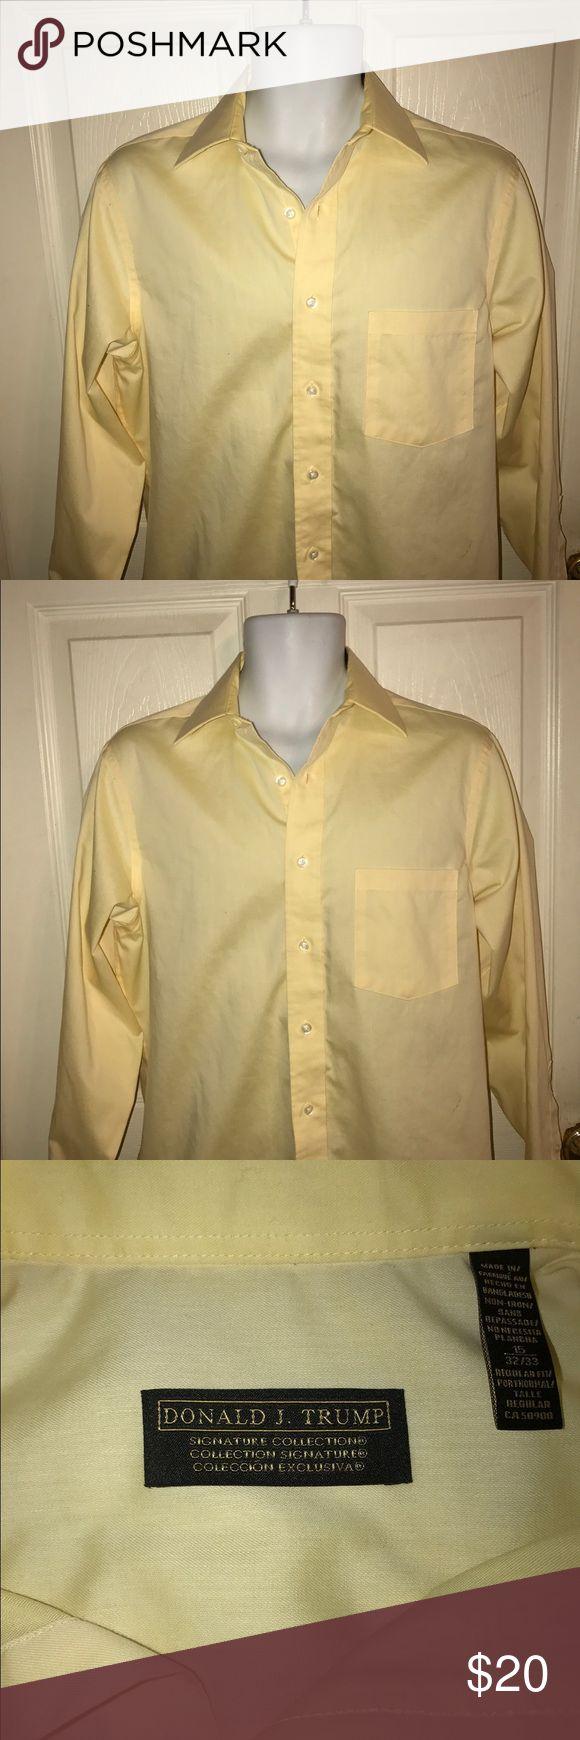 Donald J Trump Yellow Dress Shirt Collective Yellow Dress Shirt Collective. 32 inches length, 21 inches chest, 32/33 sleeve Donald J Trump Collective Shirts Dress Shirts